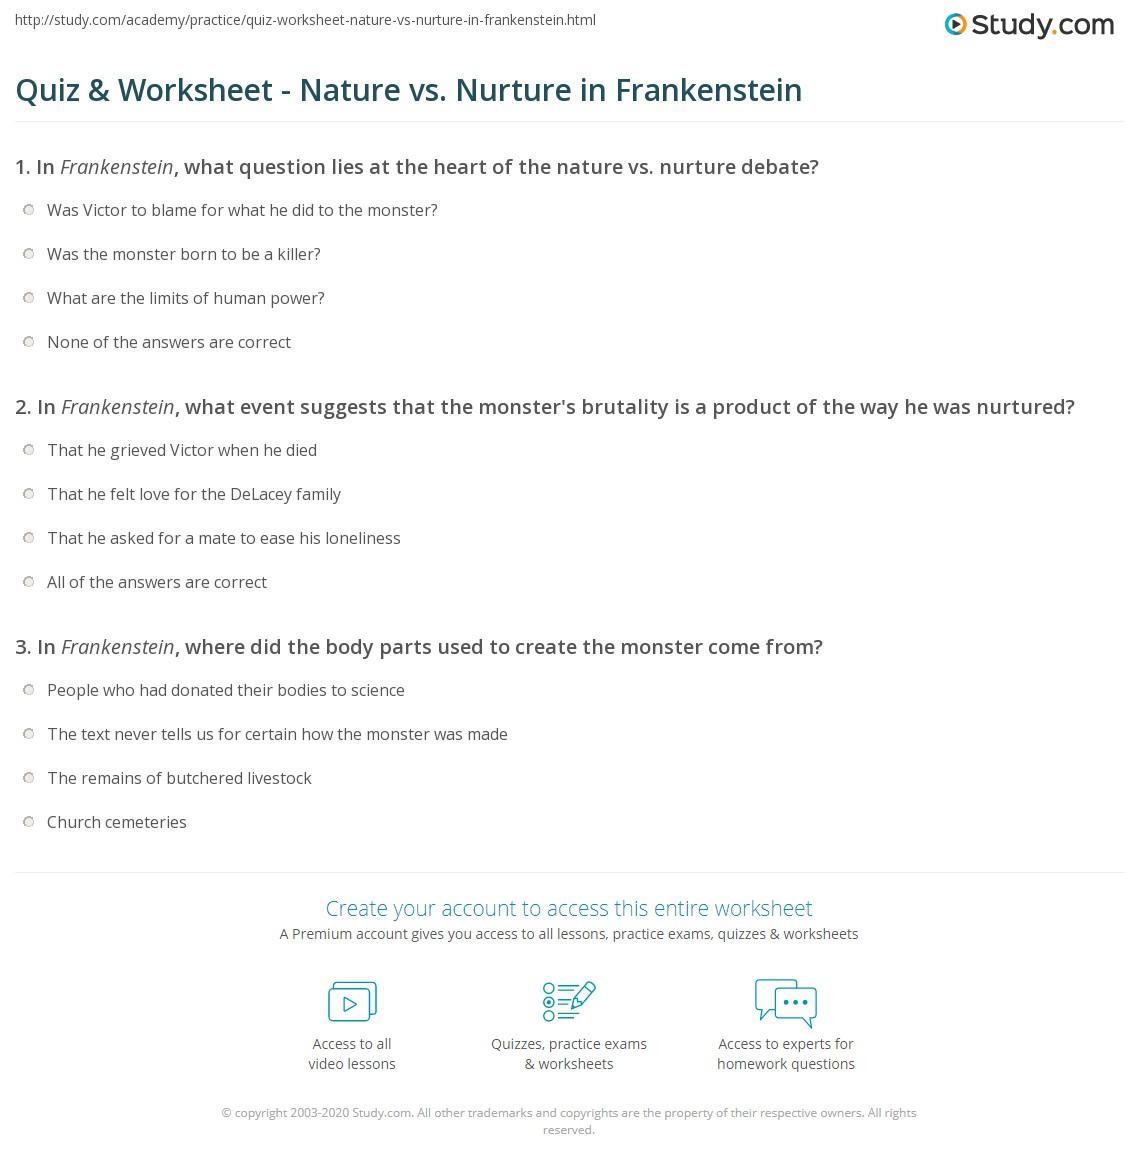 Frankenstein Essay Nature Vs Nurture